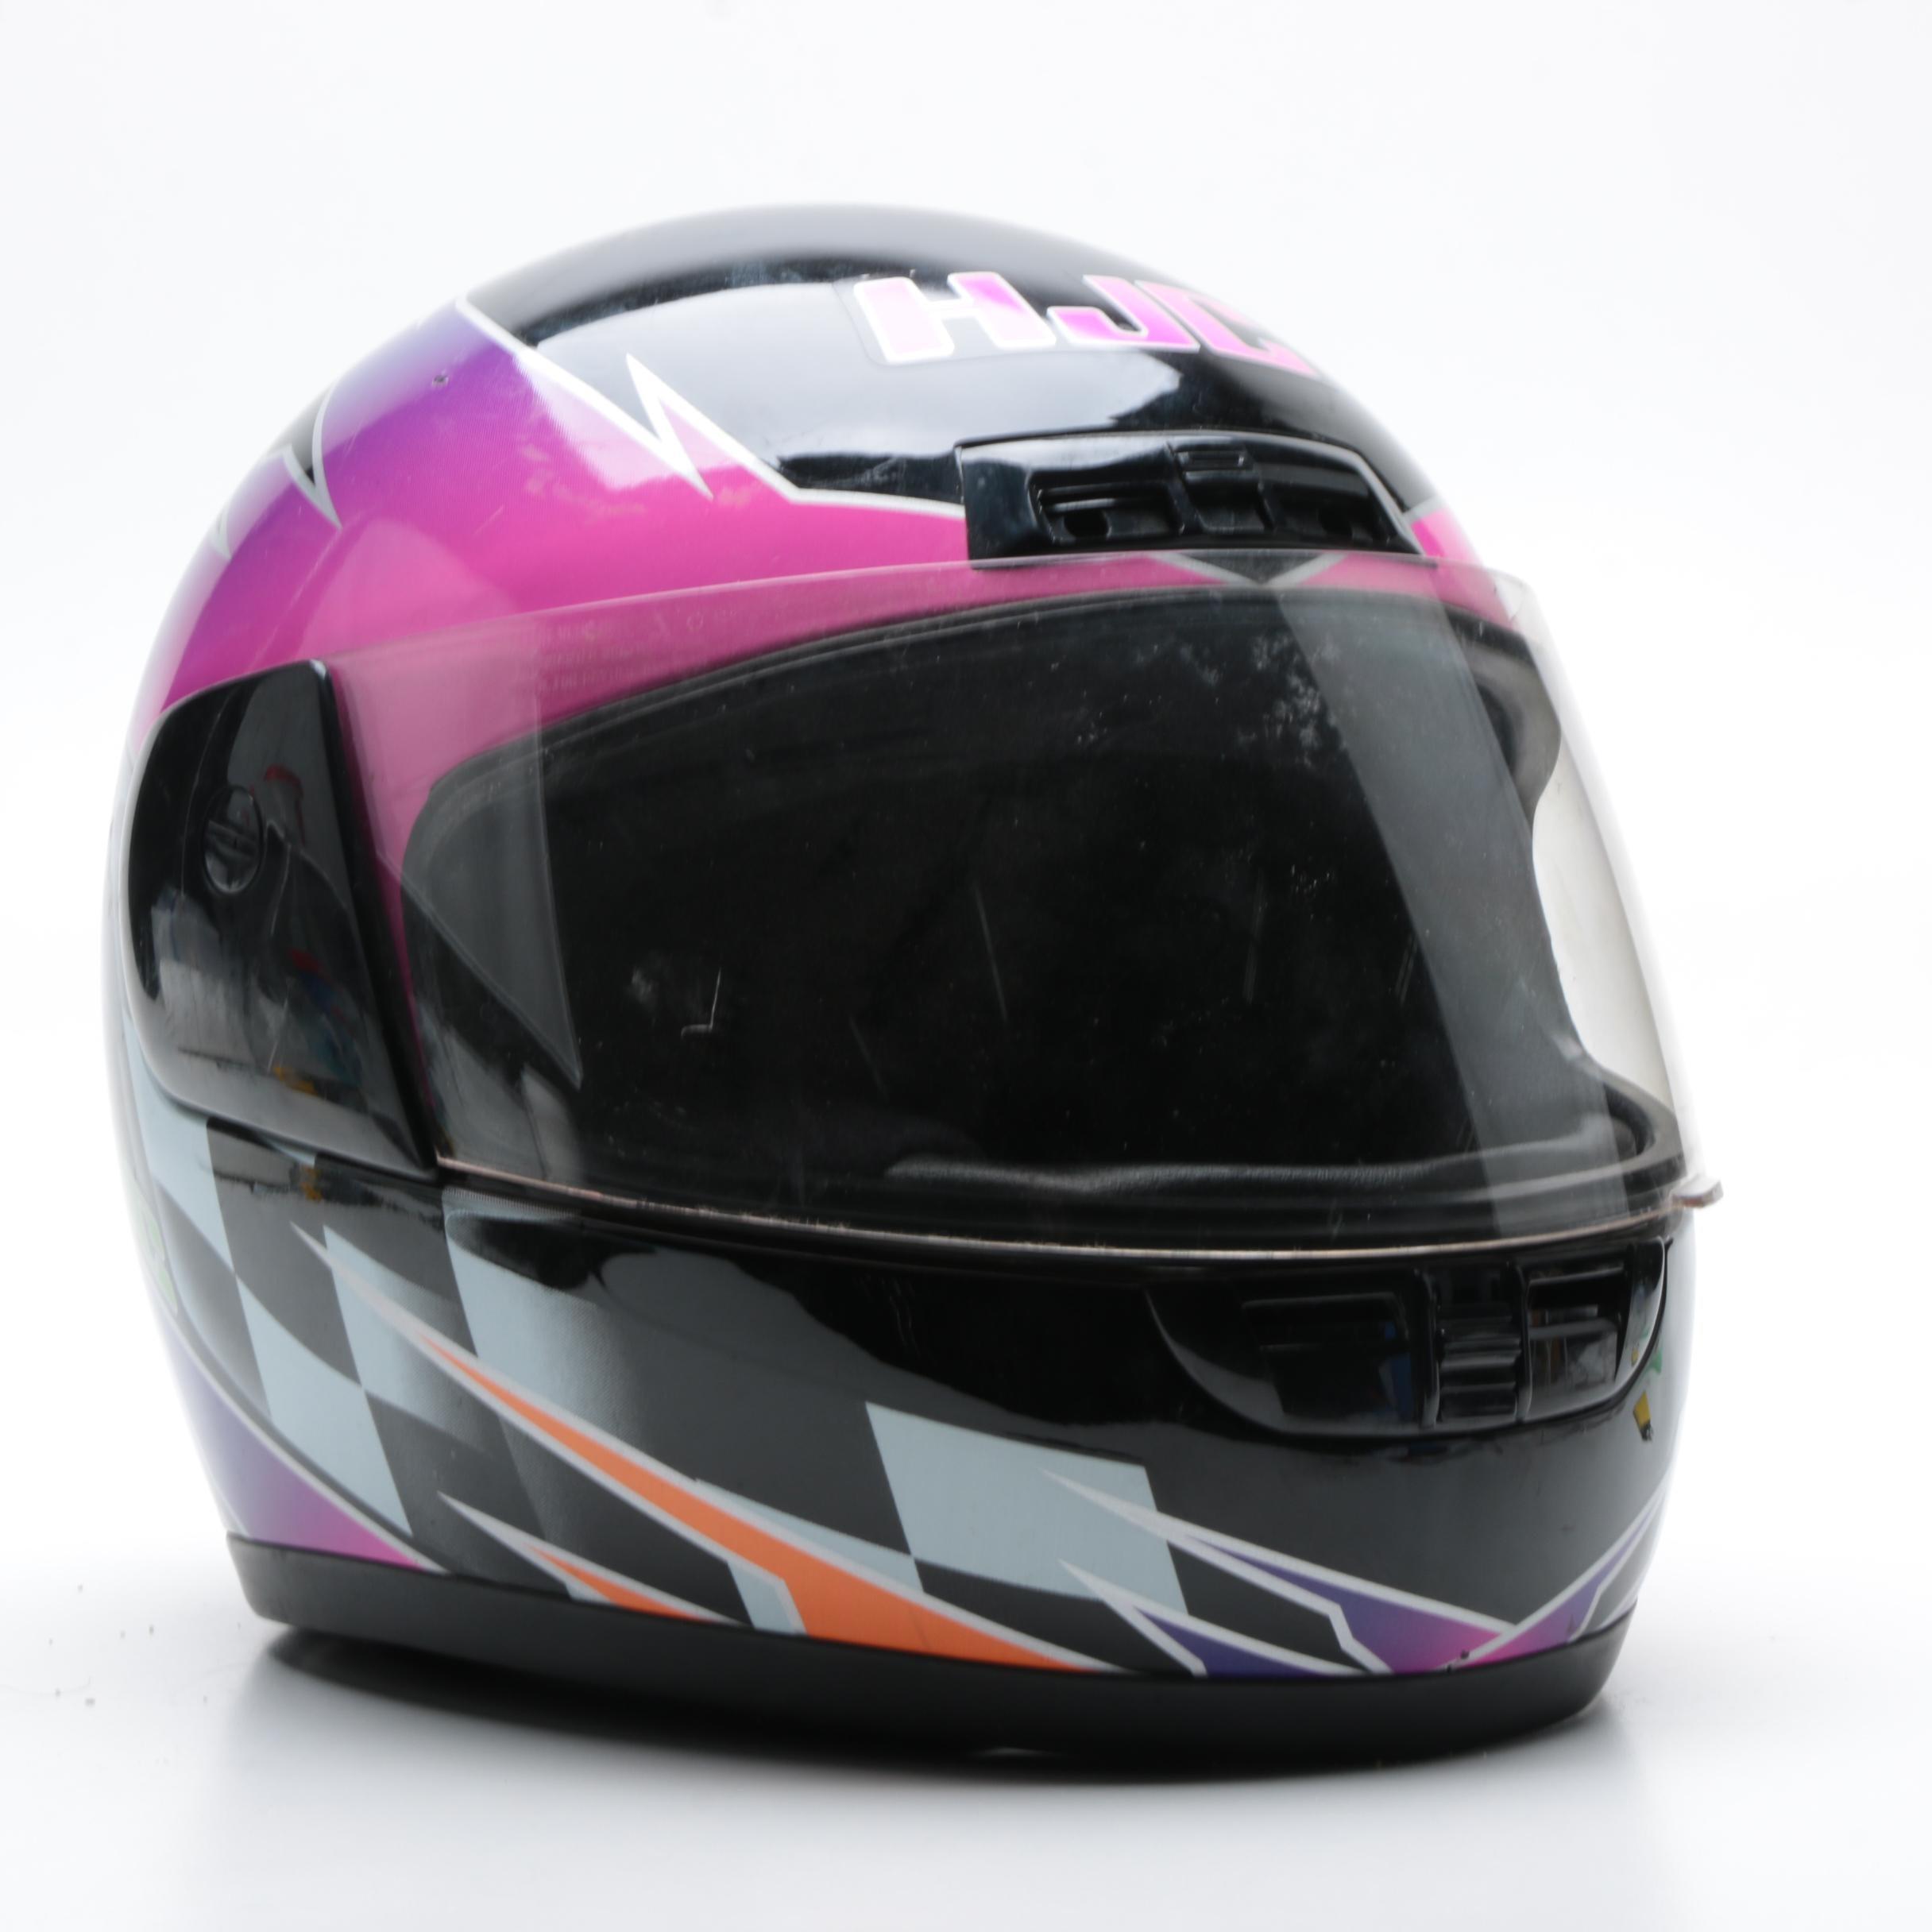 Dieter Def Designs HJC CL-10 Motorcycle Helmet